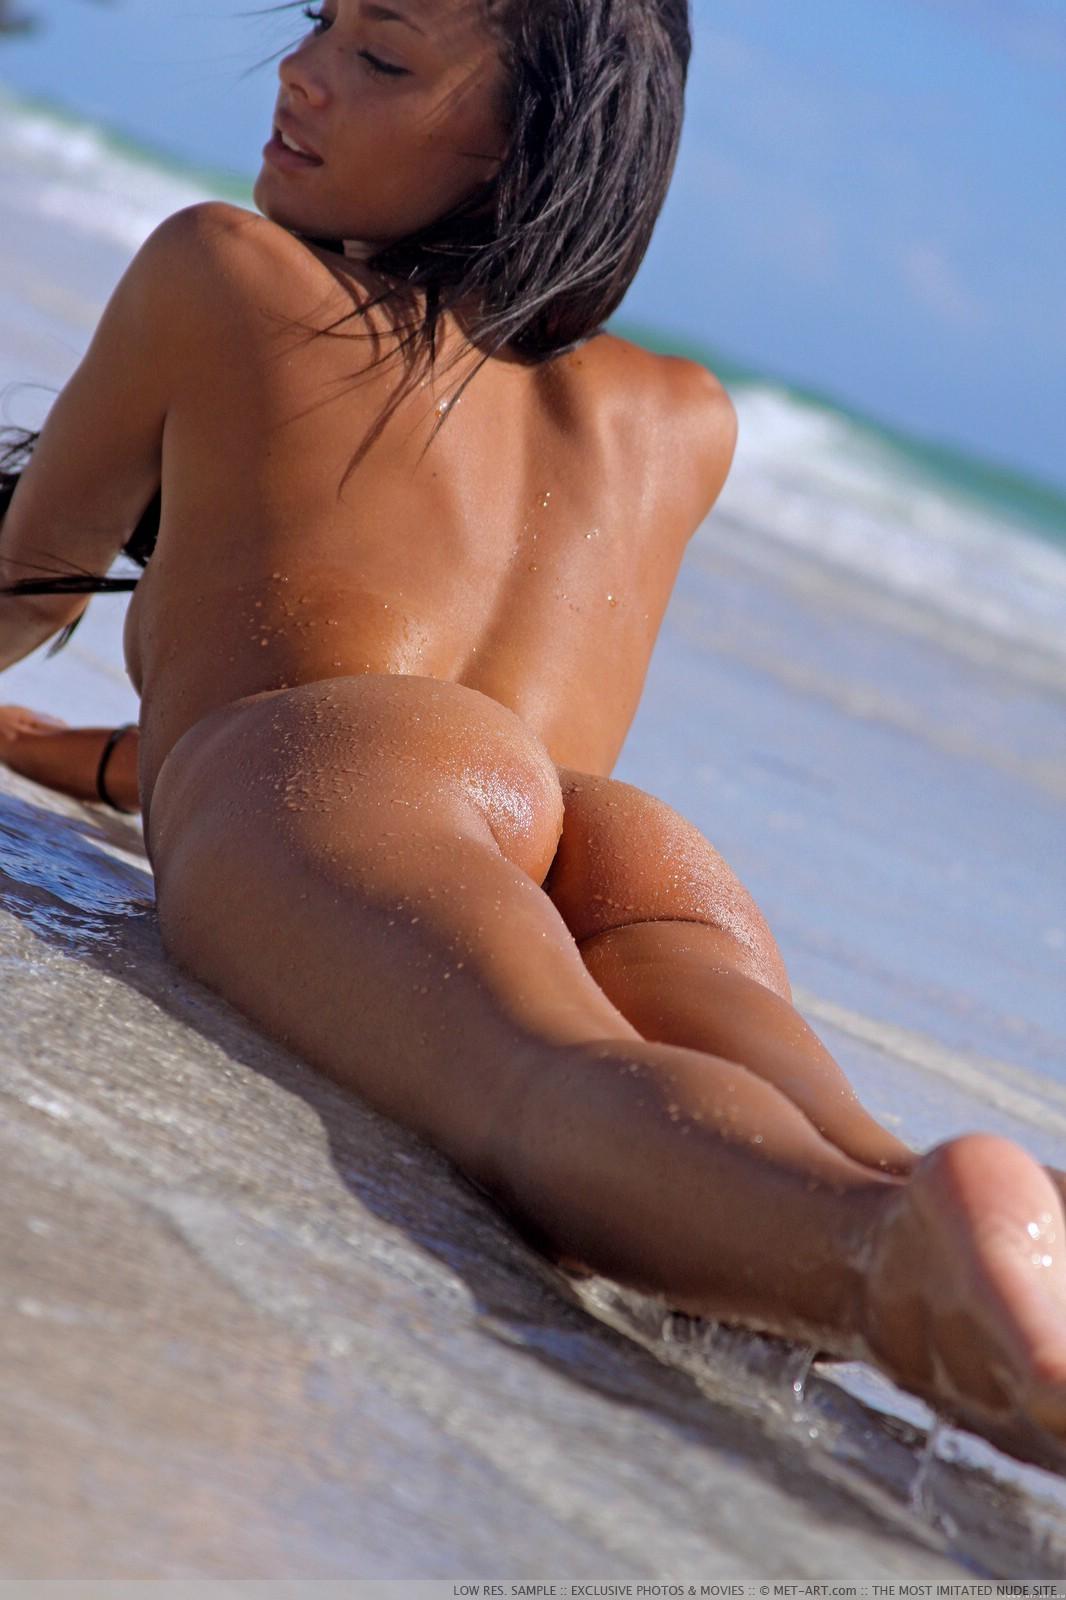 Загорелая брюнетка в масле на пляже - фото